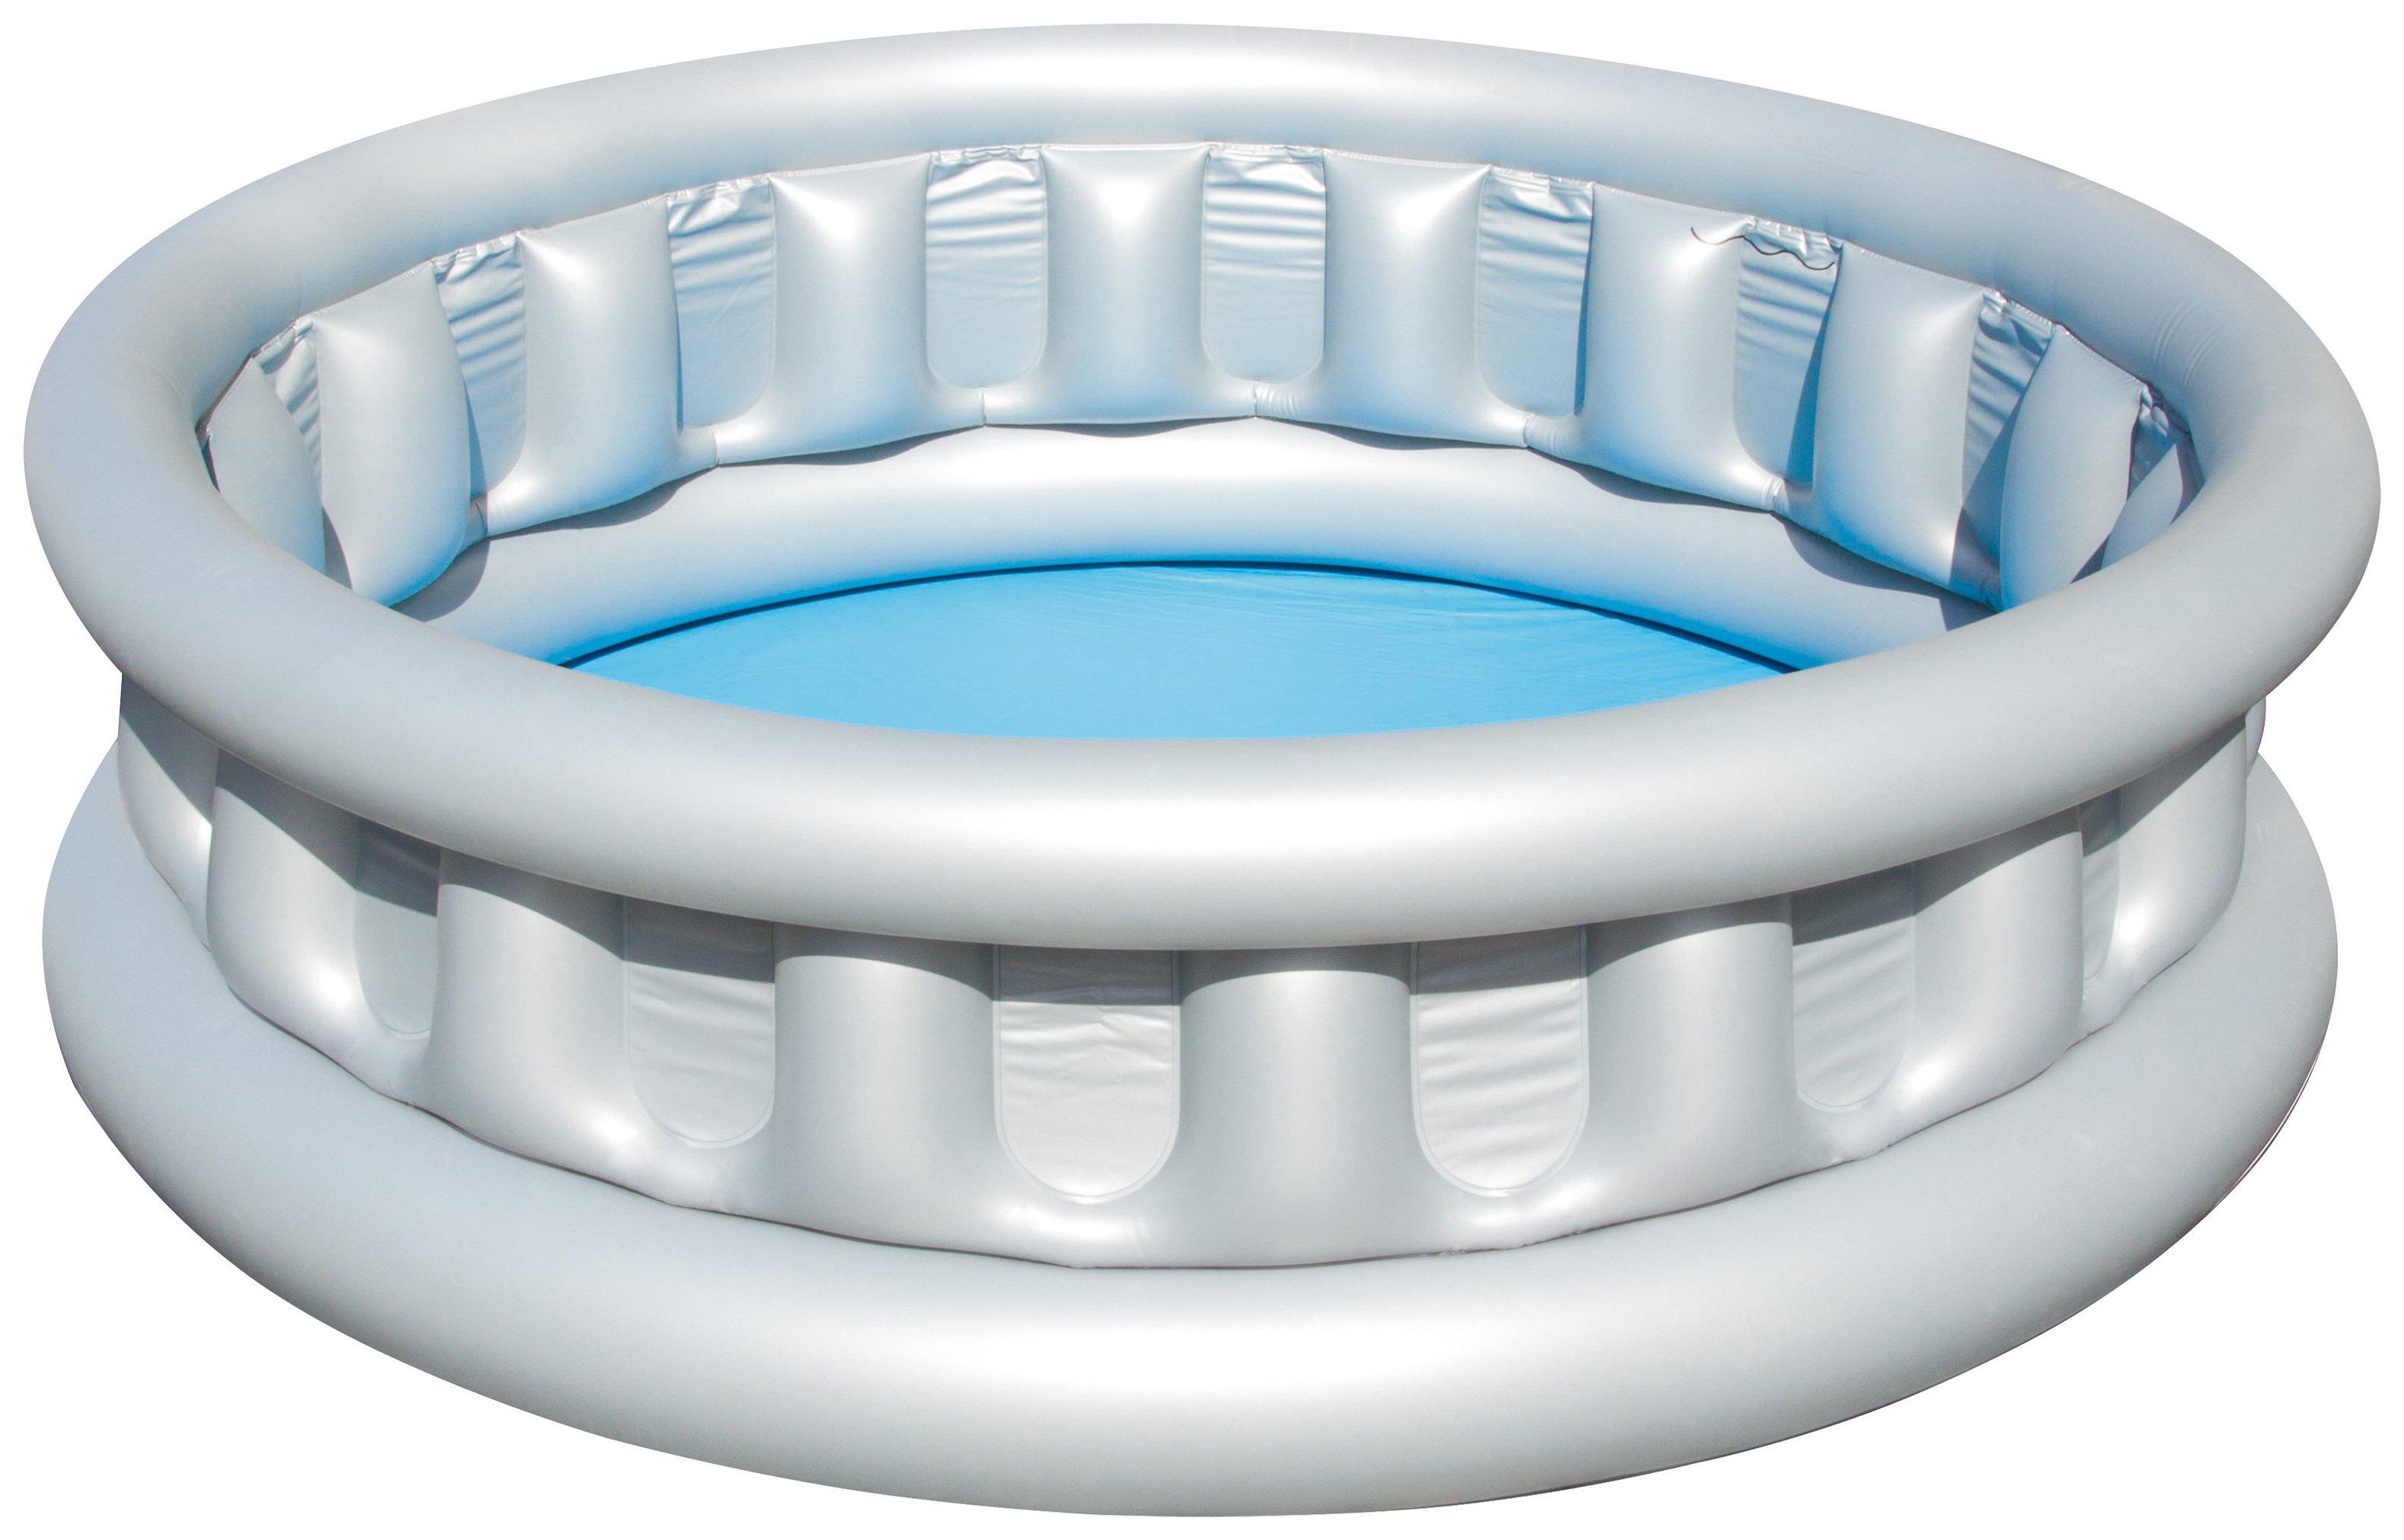 Image of Bestway - Spaceship Pool